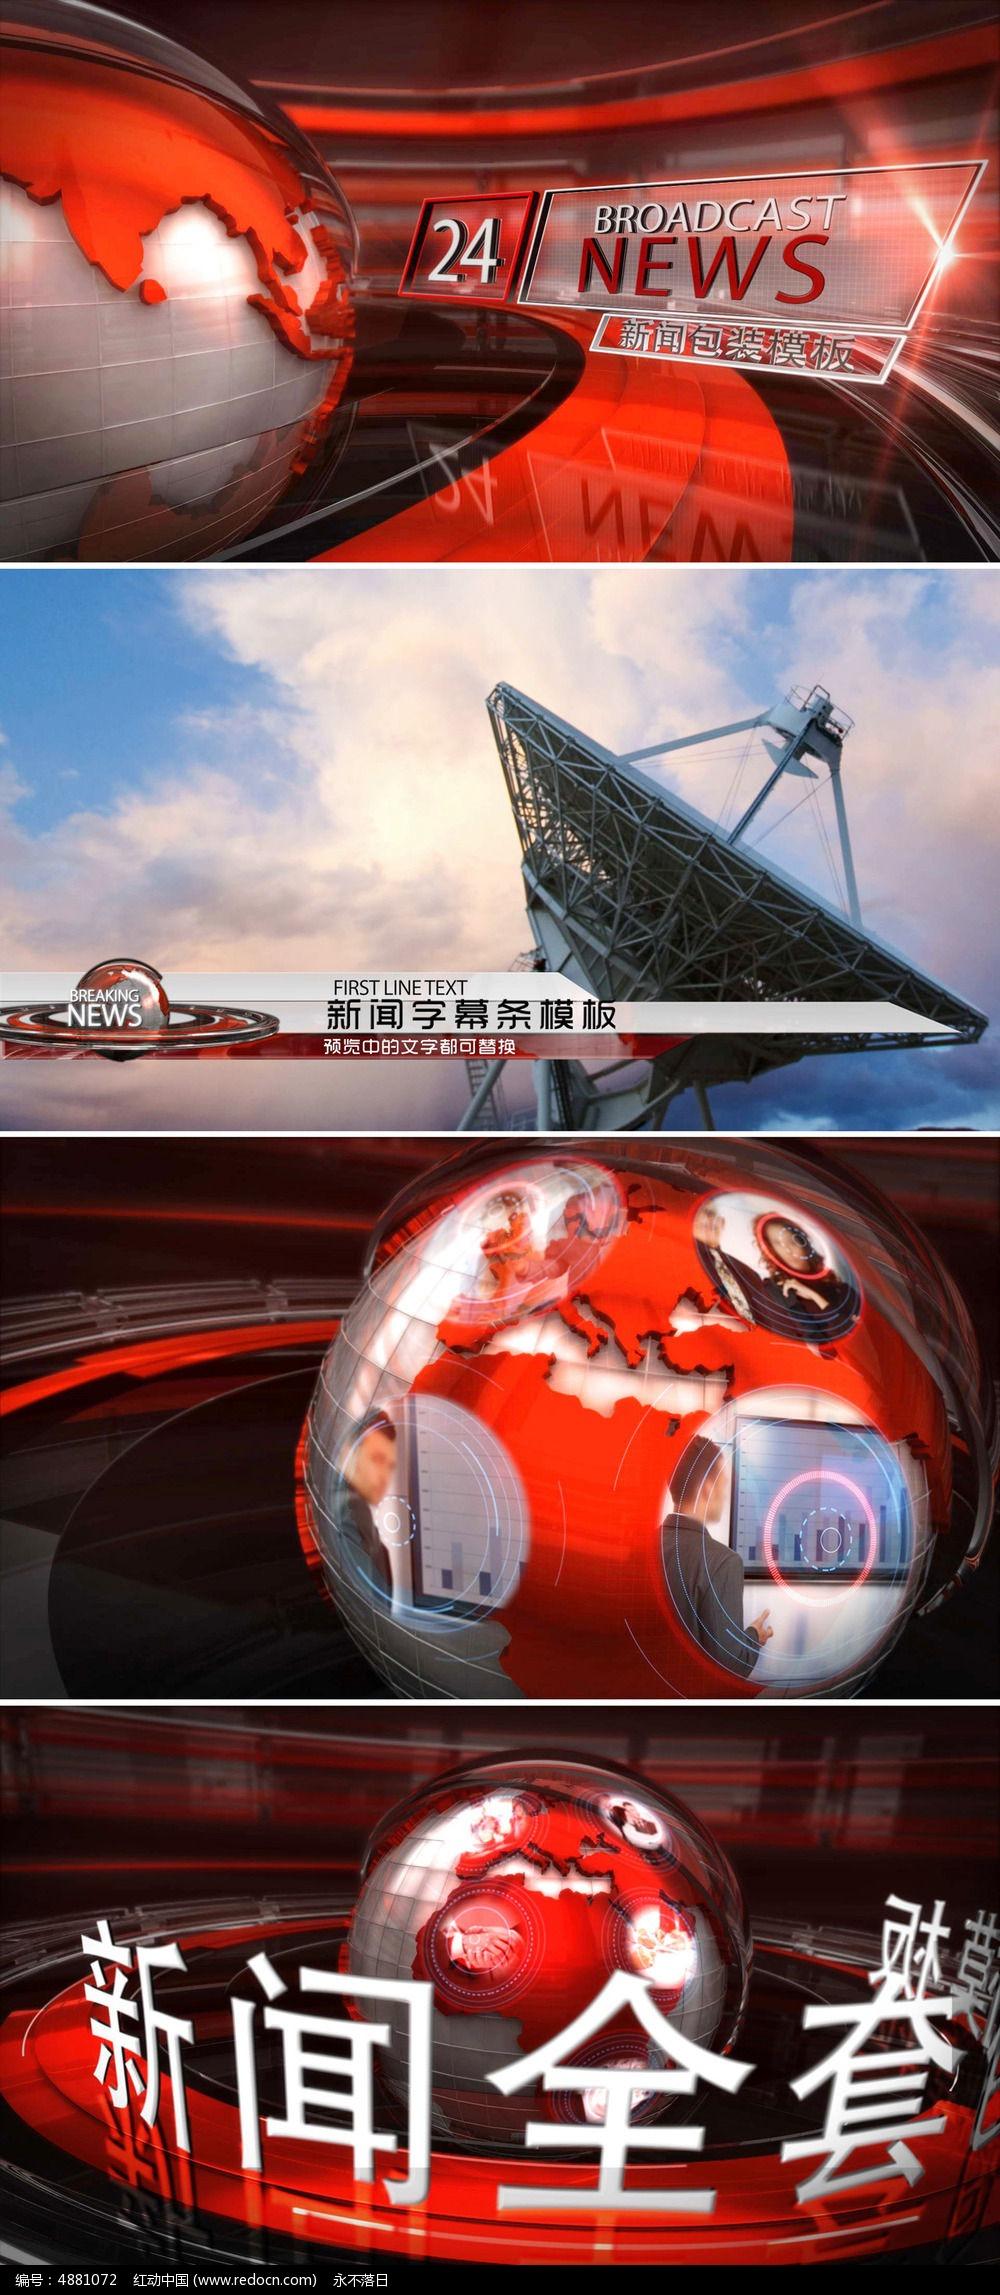 全套电视广播新闻栏目包装AE模板图片